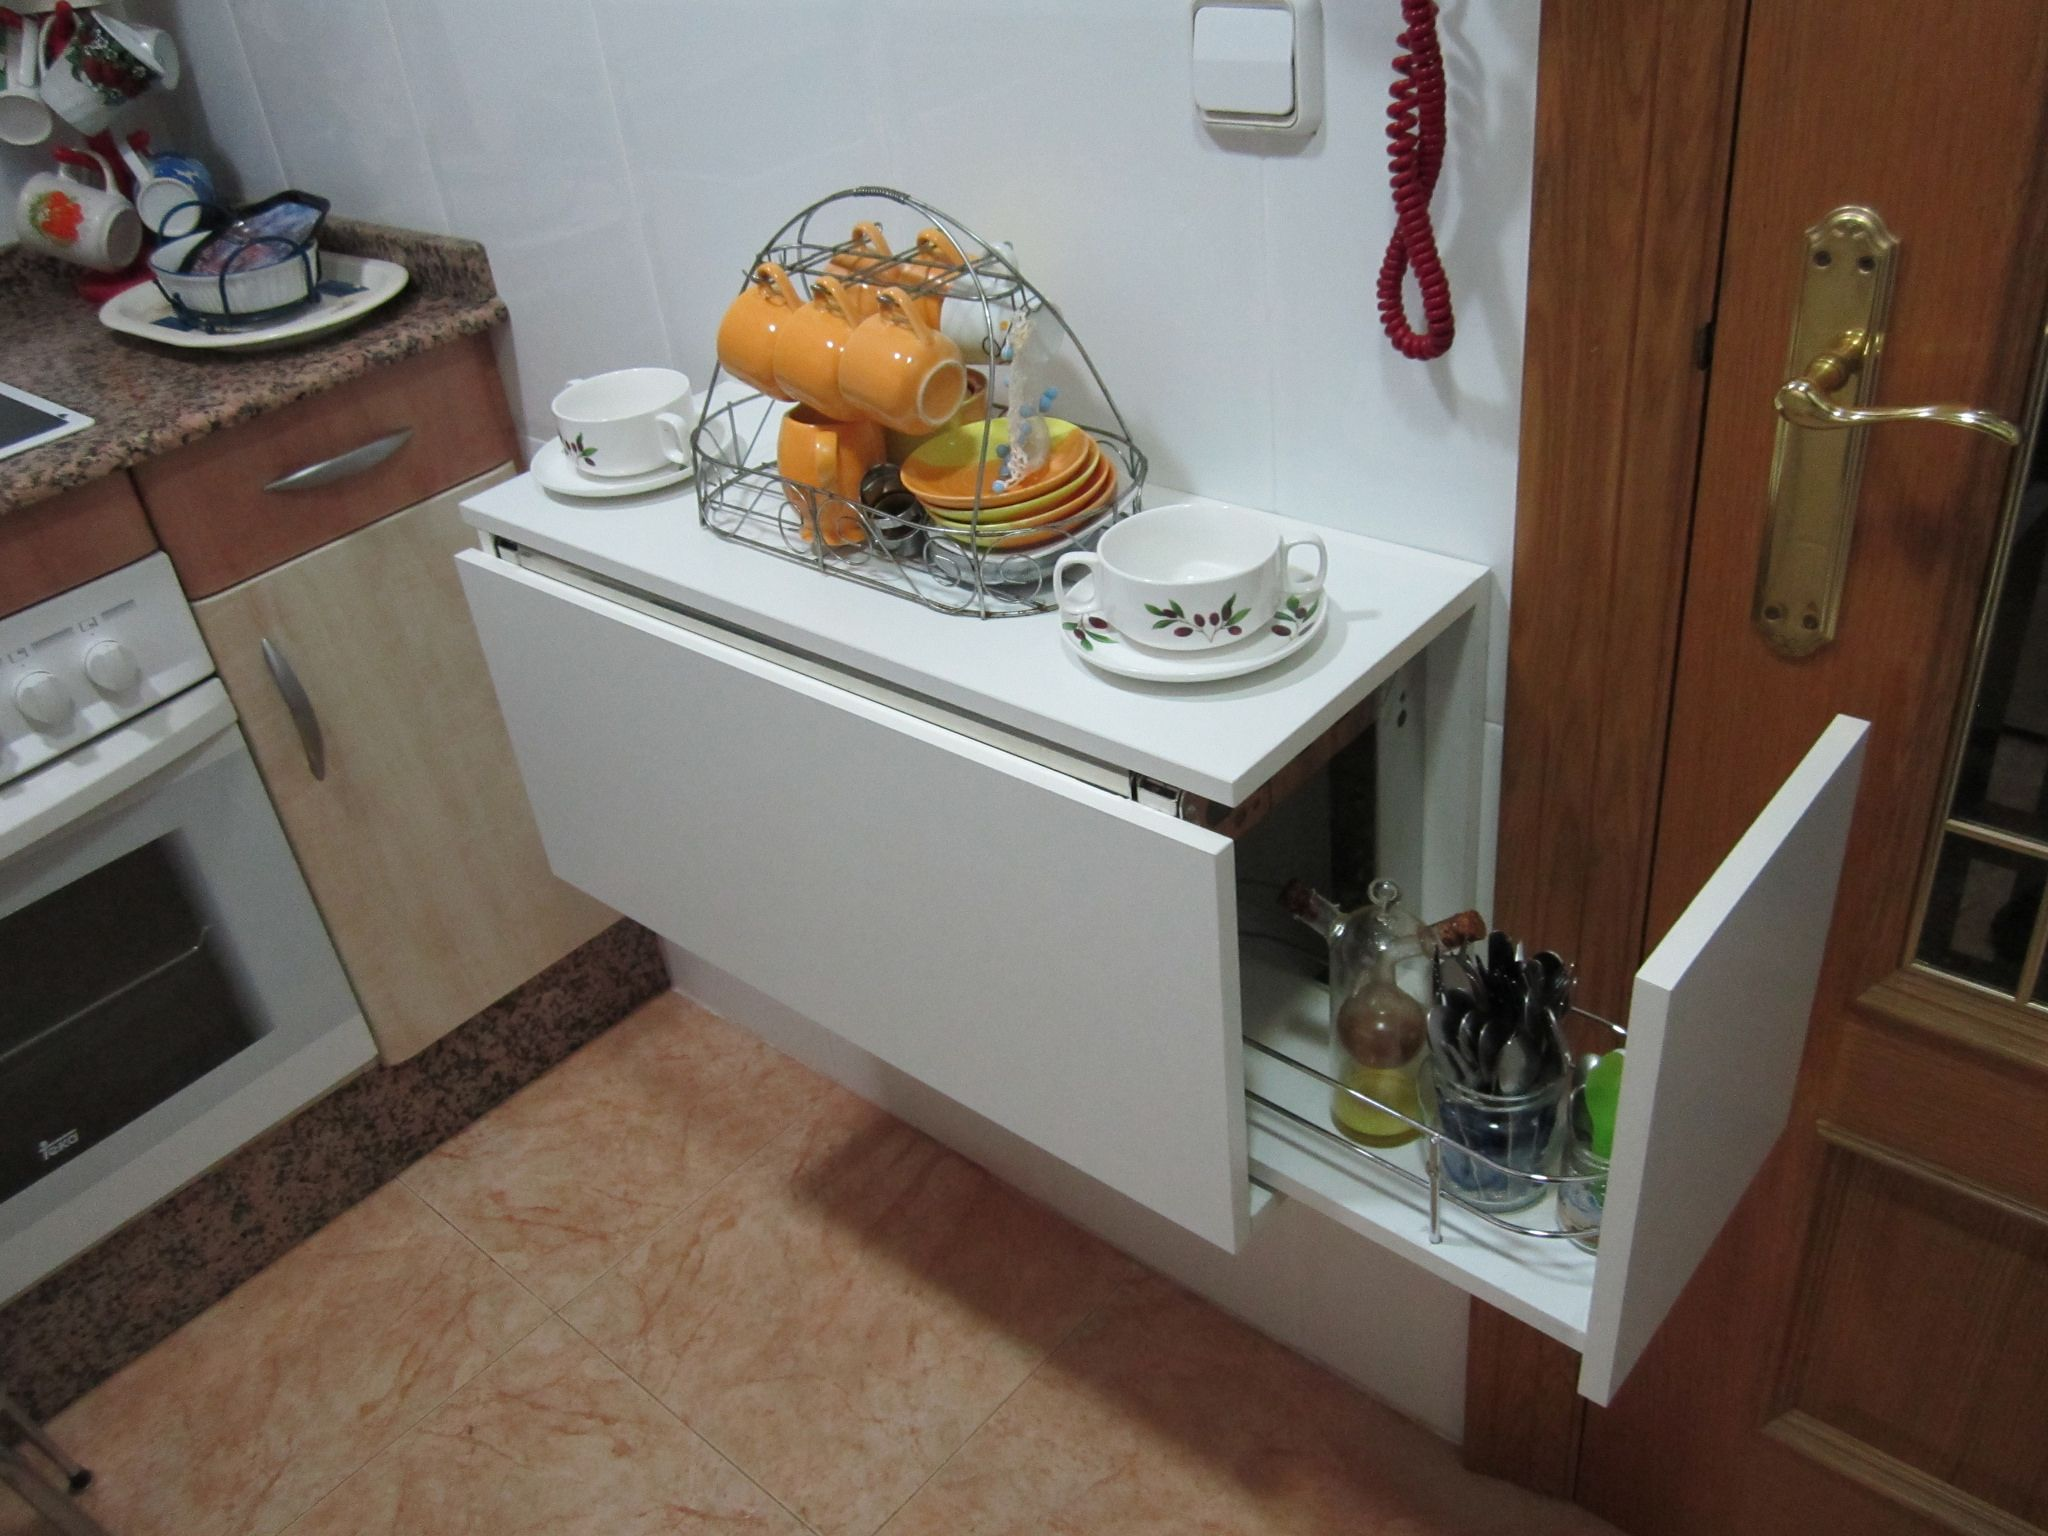 Mesa abatible en m dulo de cocina joster muebles - Mesa abatible cocina ...